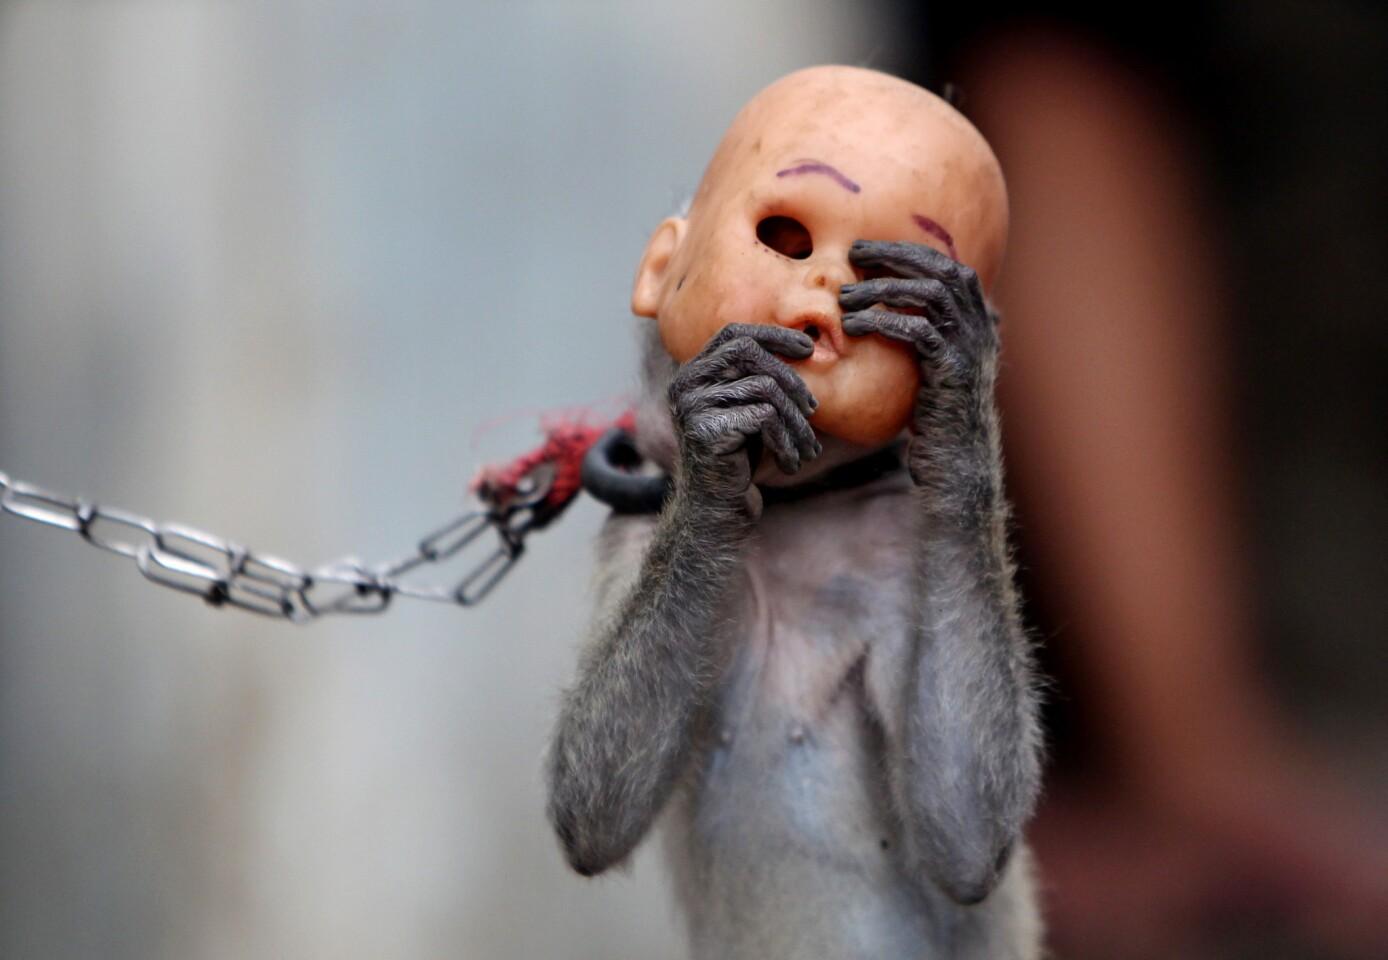 A street monkey wears a doll mask as it performs in a slum in Jakarta, Indonesia.